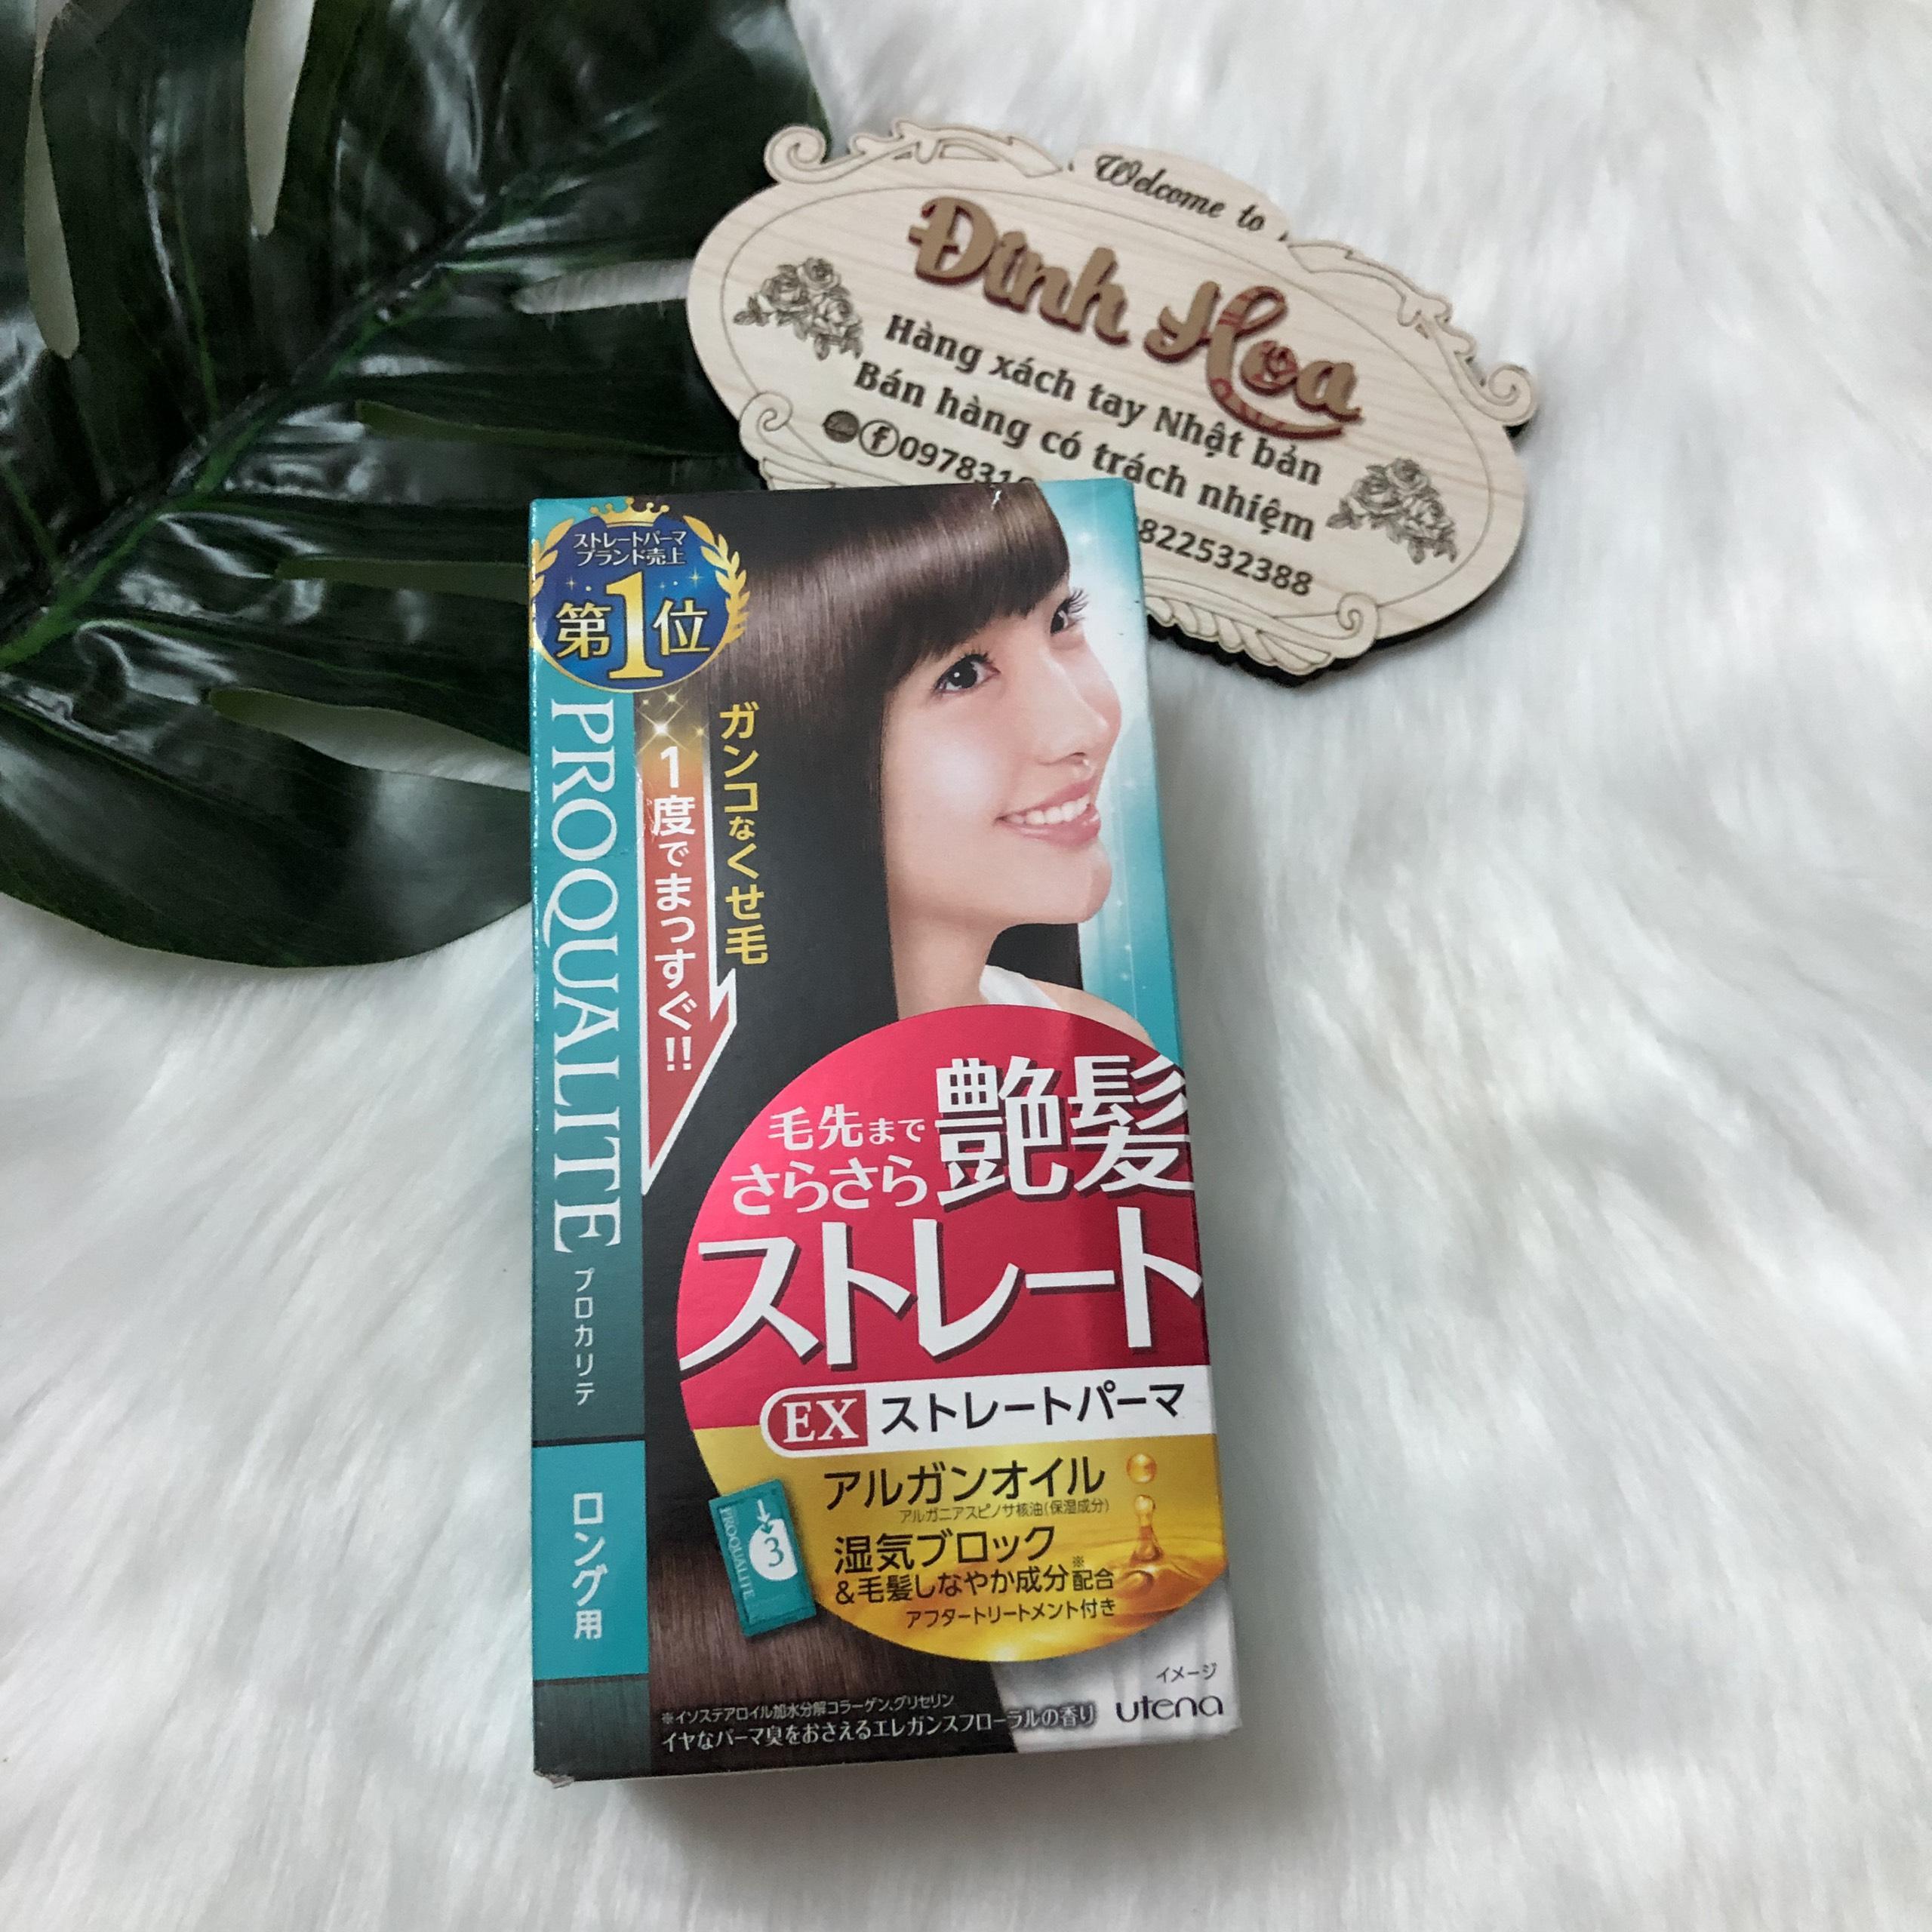 Duỗi tóc Utena dành cho tóc dài